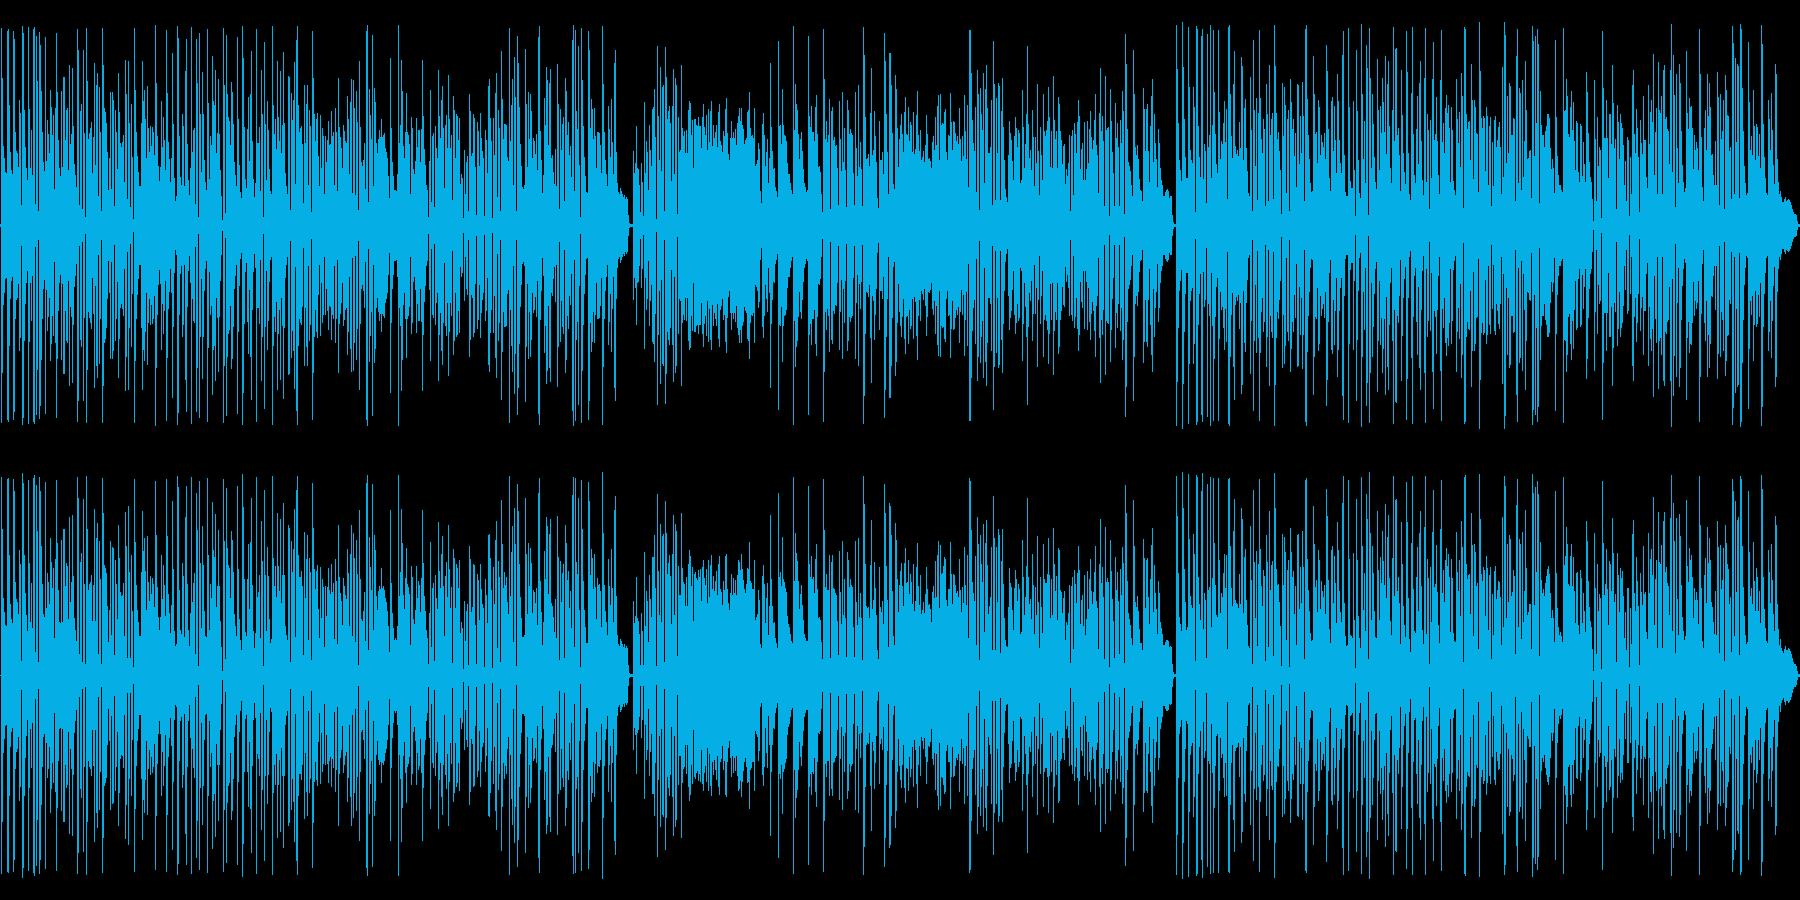 ヘンデルの水上の音楽をピアノ演奏での再生済みの波形